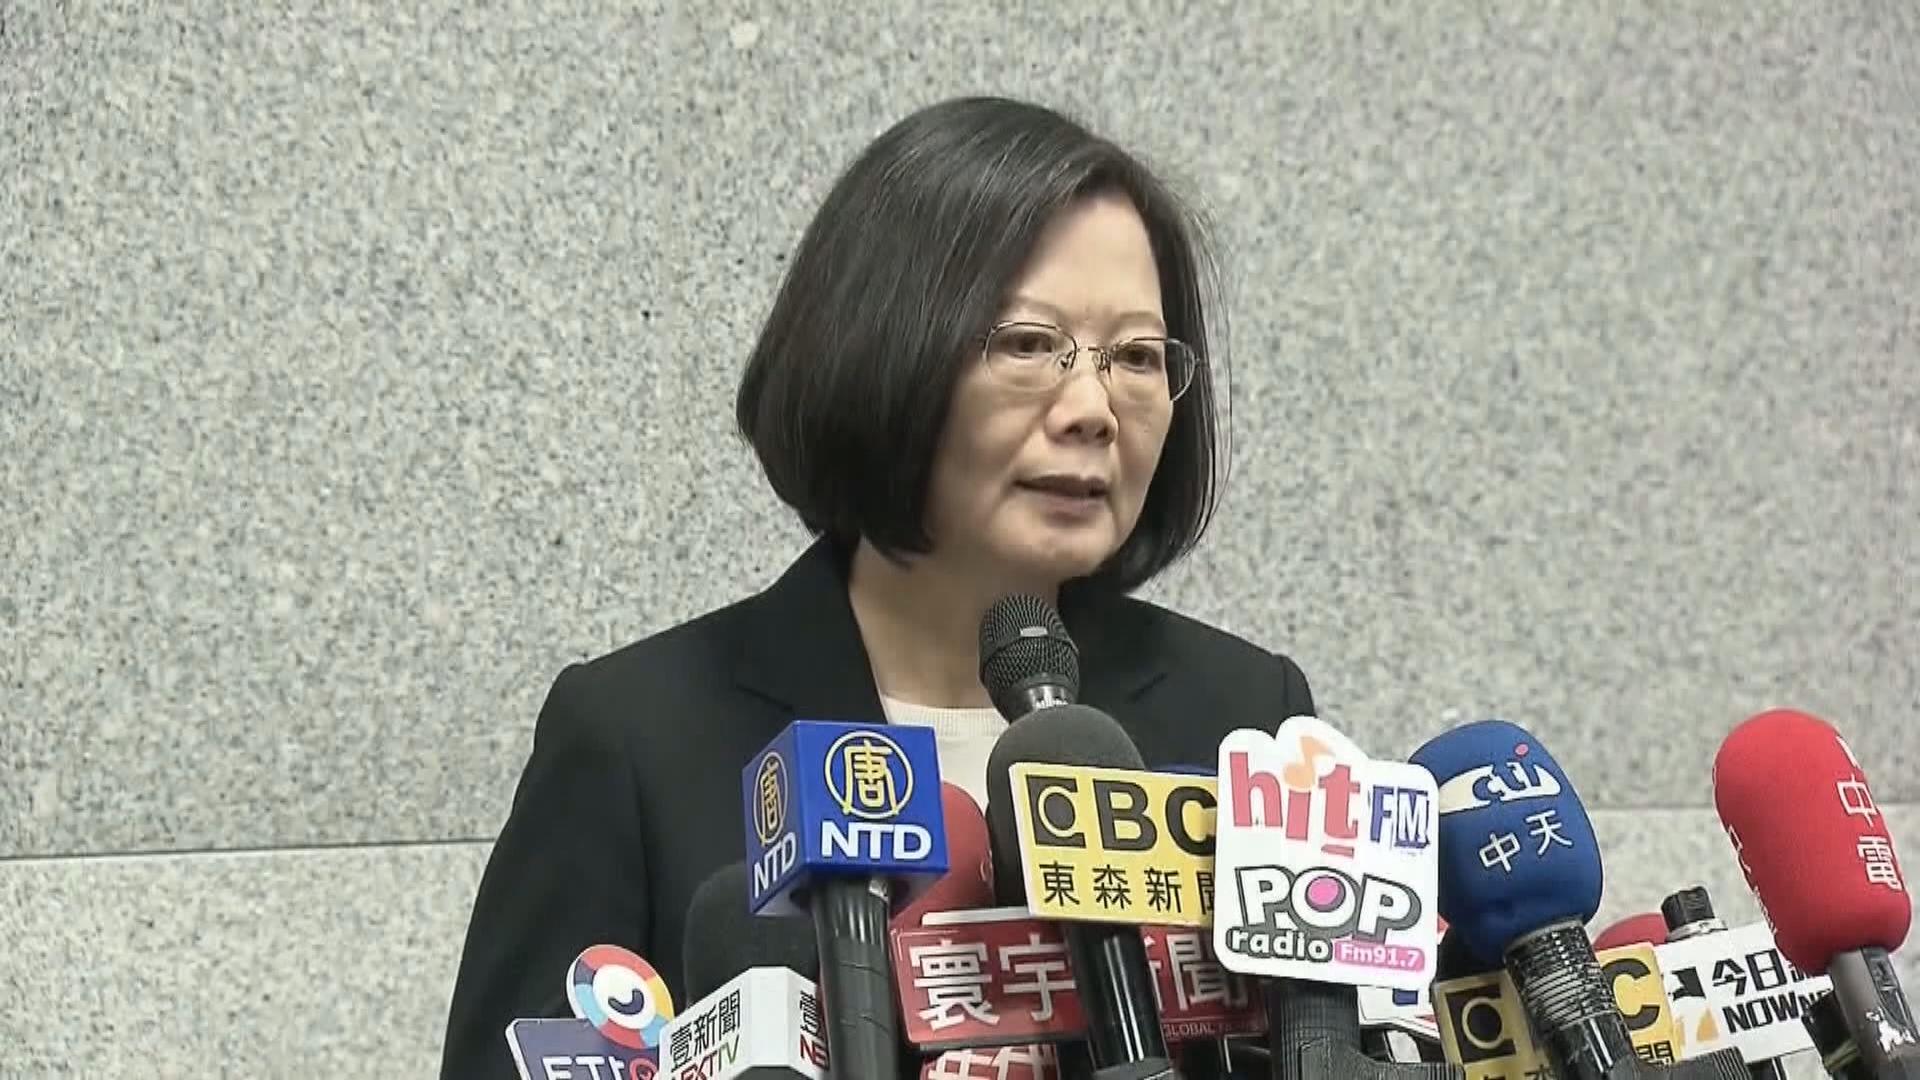 蔡英文:有決心維持兩岸關係穩定